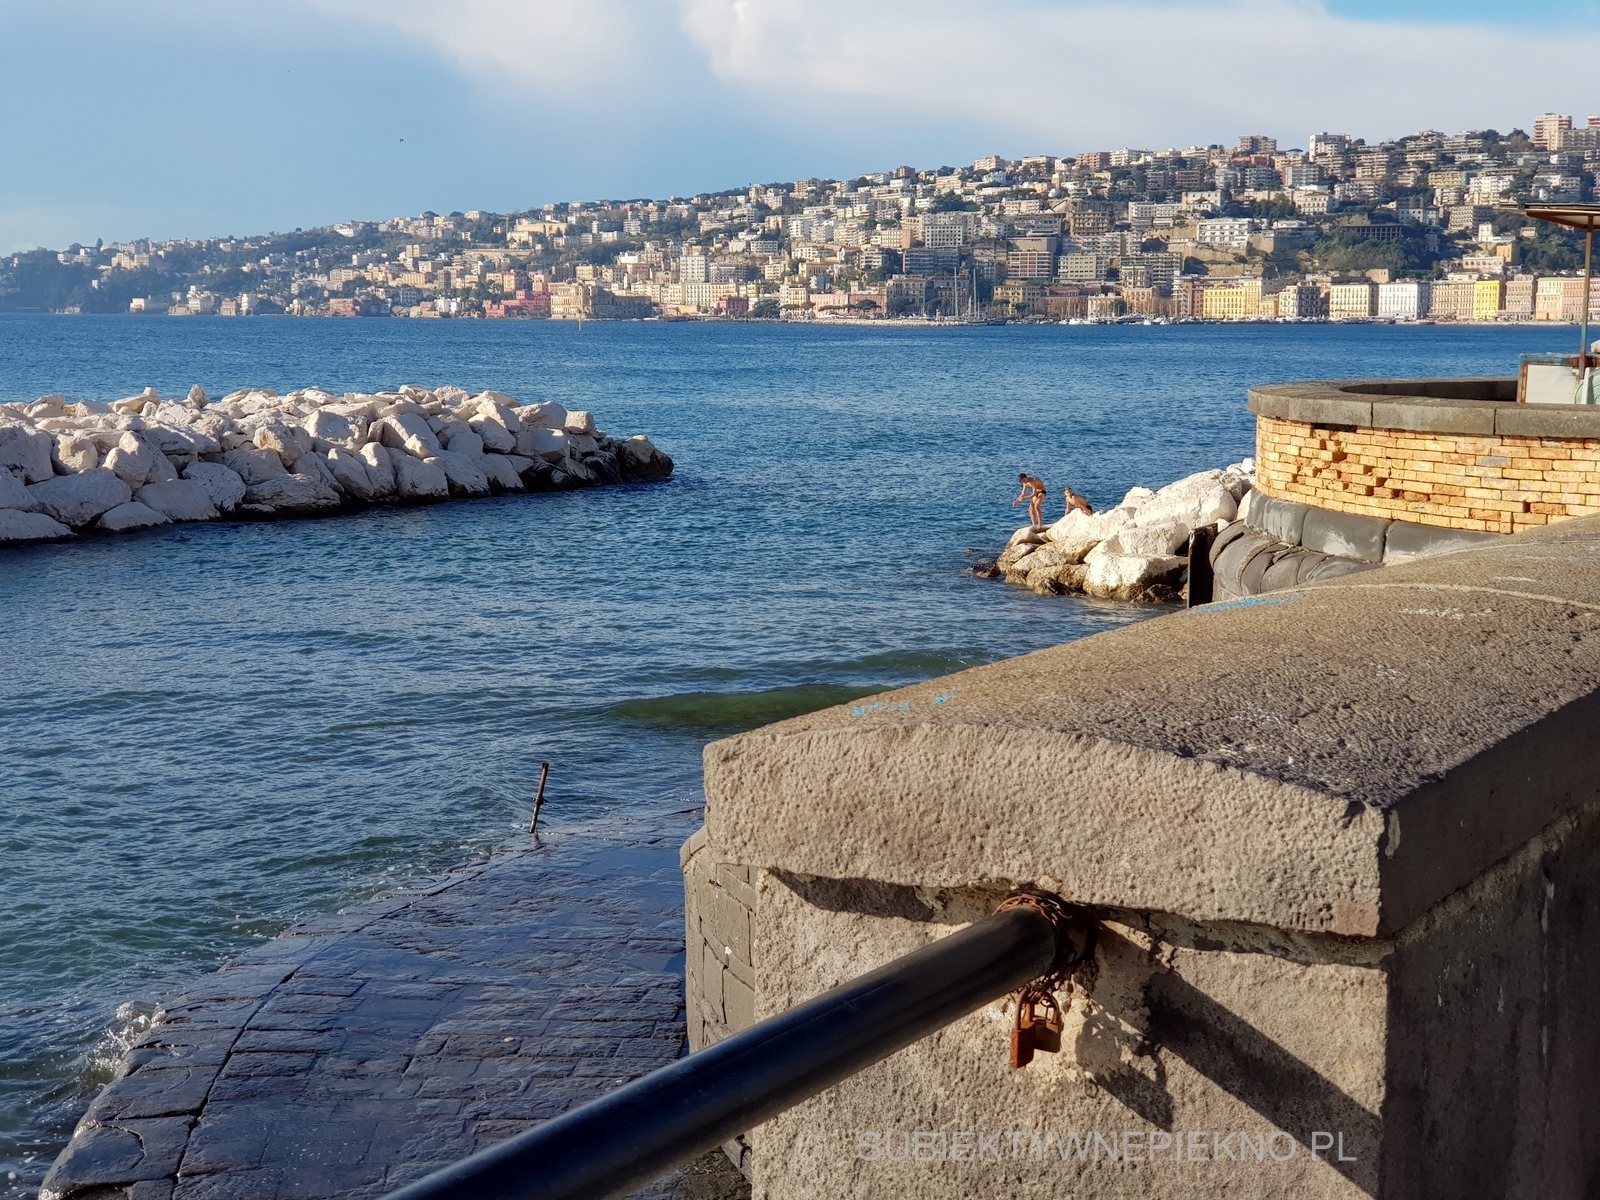 Promenada Neapol Włochy Santa Lucia